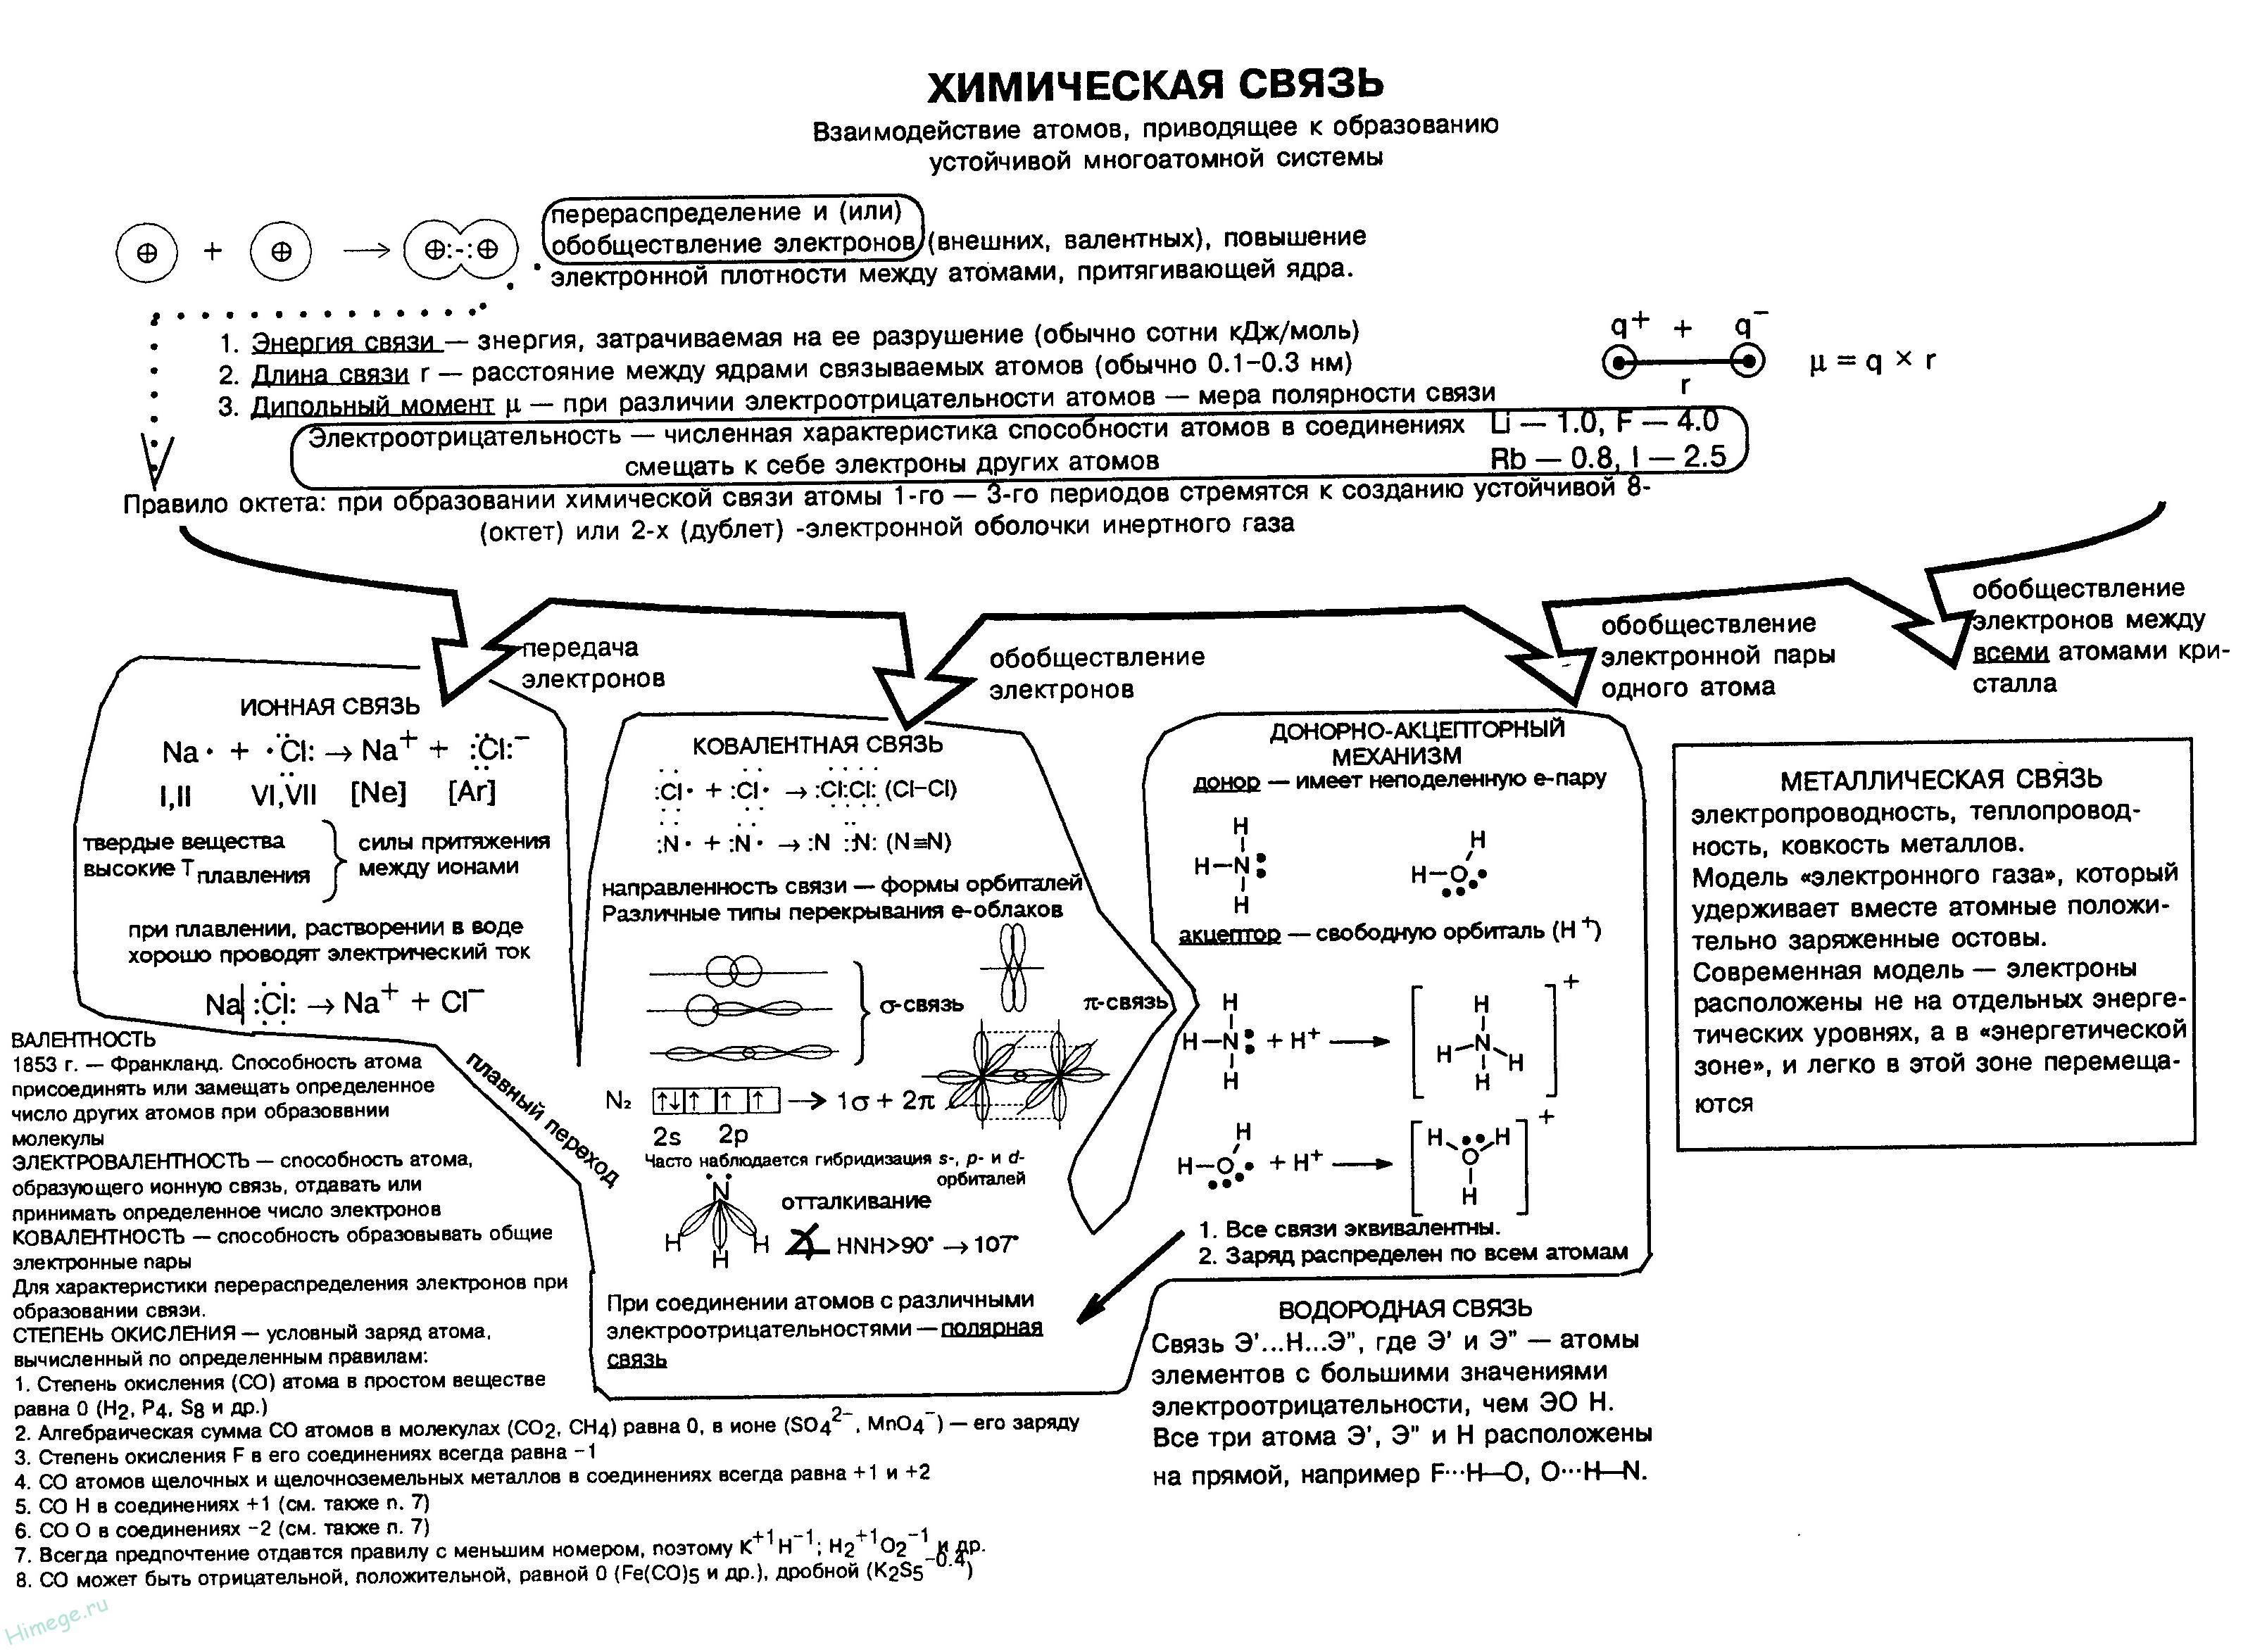 Химическая связь - понятие  и классификация